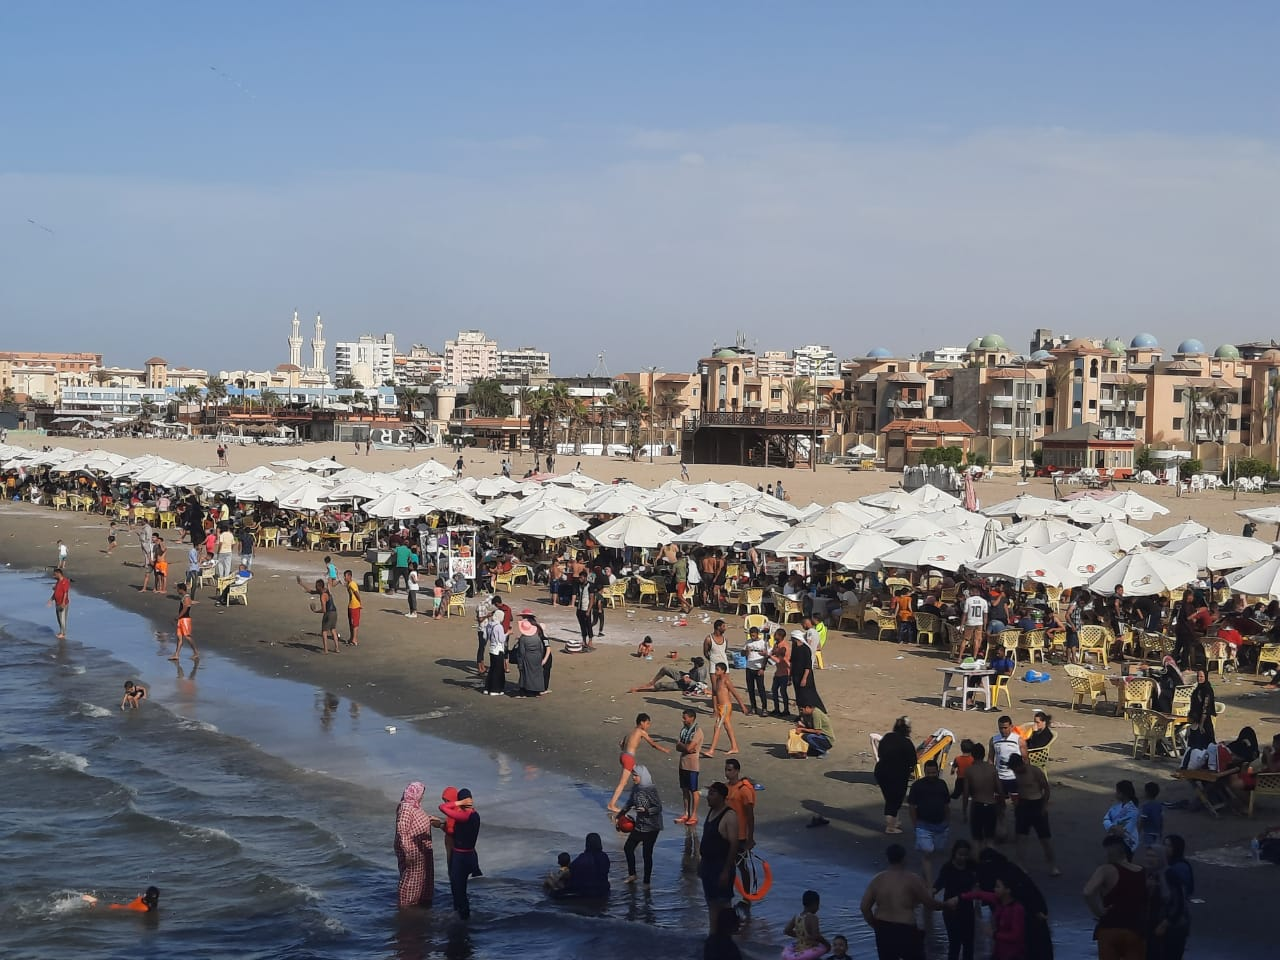 زحام على شاطئ بورسعيد اليوم الجمعه